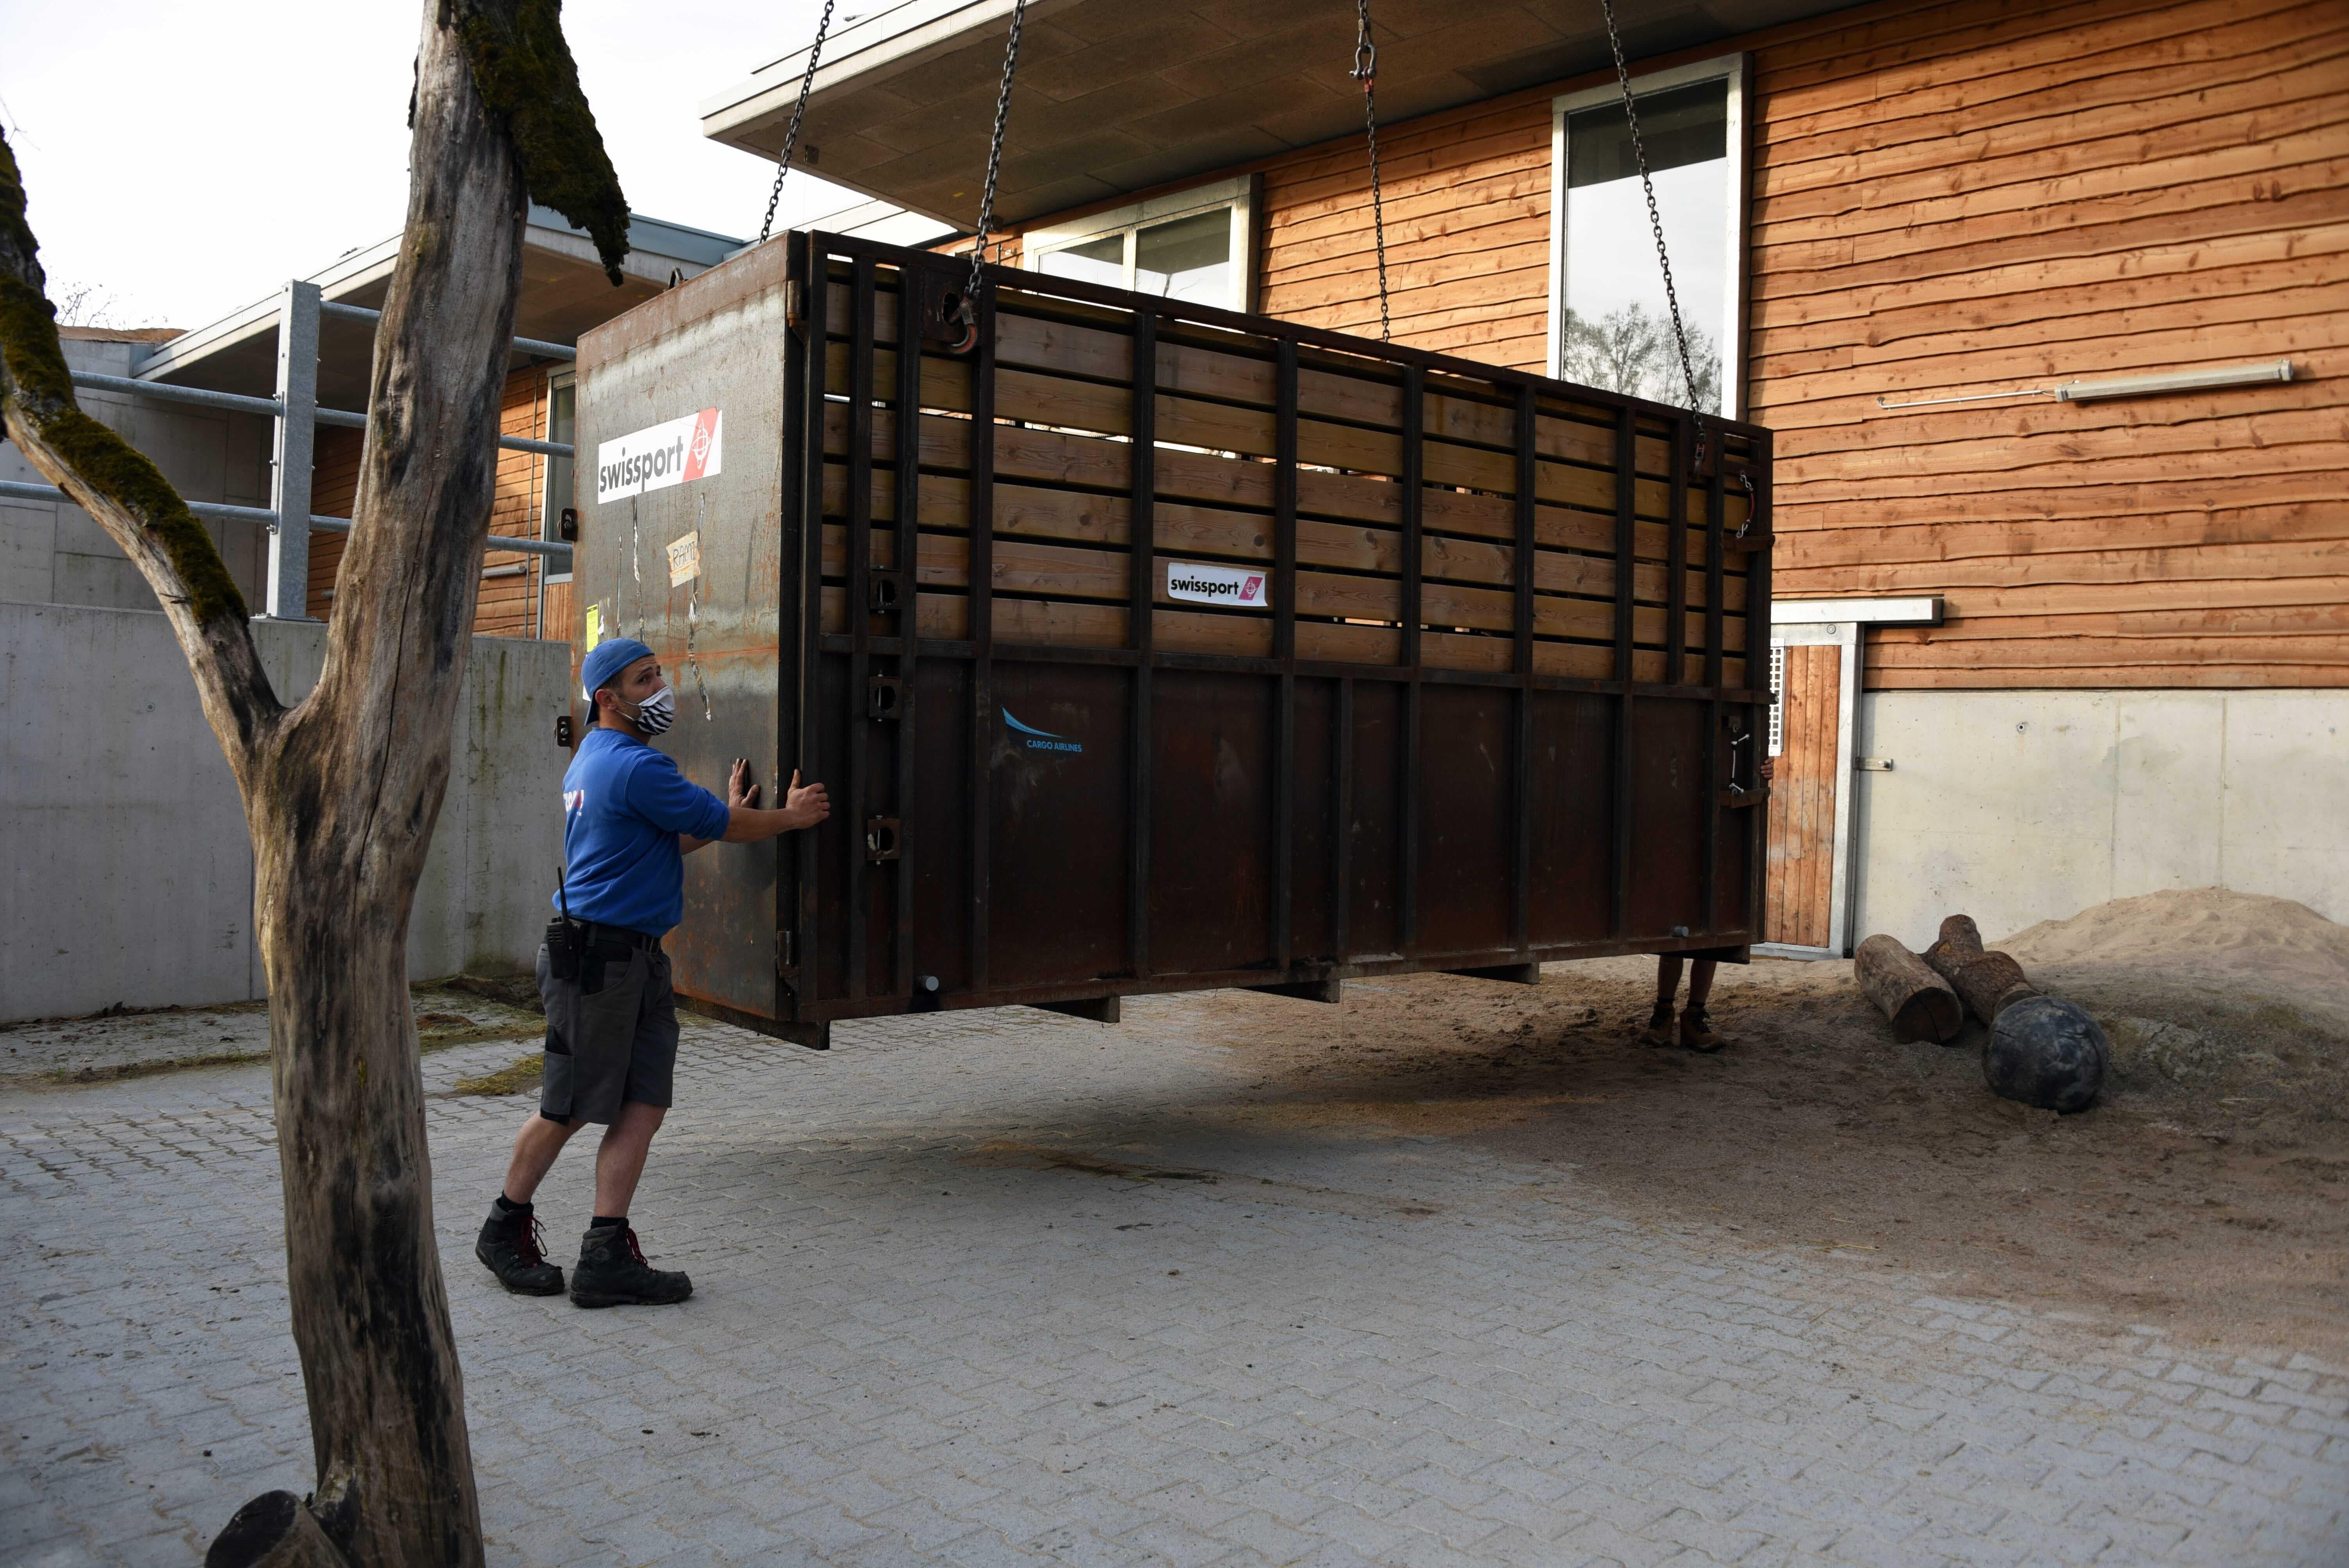 Die Nashorn-Transportbox: Der Zoo hat schon vor der grossen Reise mit Rami trainiert in die Box zu gehen, damit dieser sich schon daran gewöhnen kann.